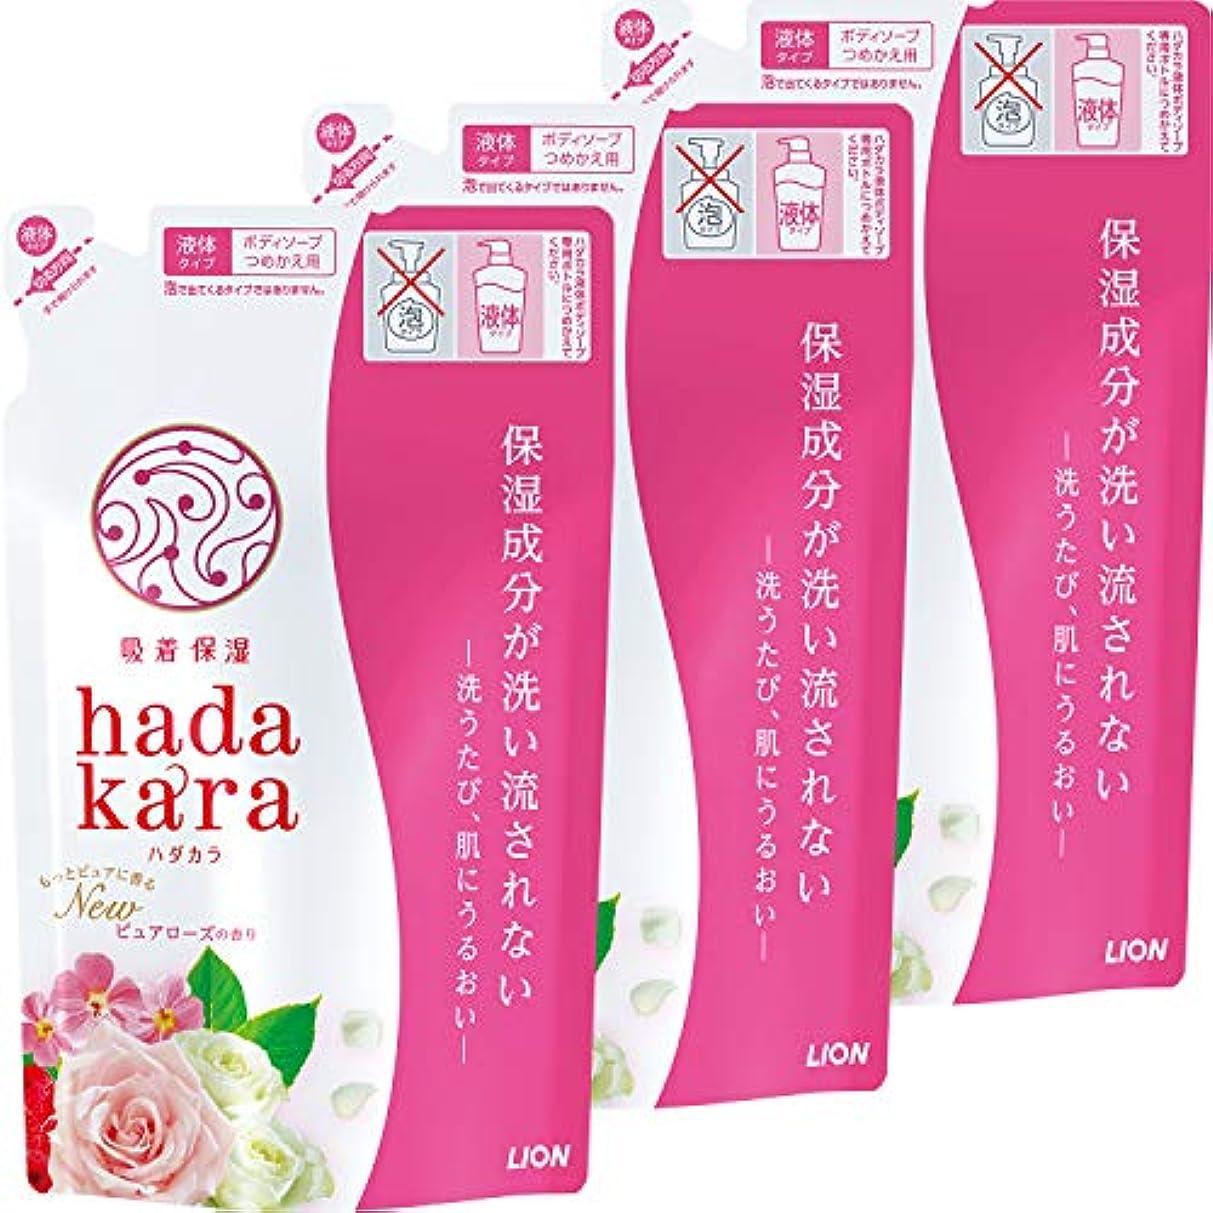 約イノセンス学んだhadakara(ハダカラ) ボディソープ ピュアローズの香り つめかえ360ml×3個 詰替え用